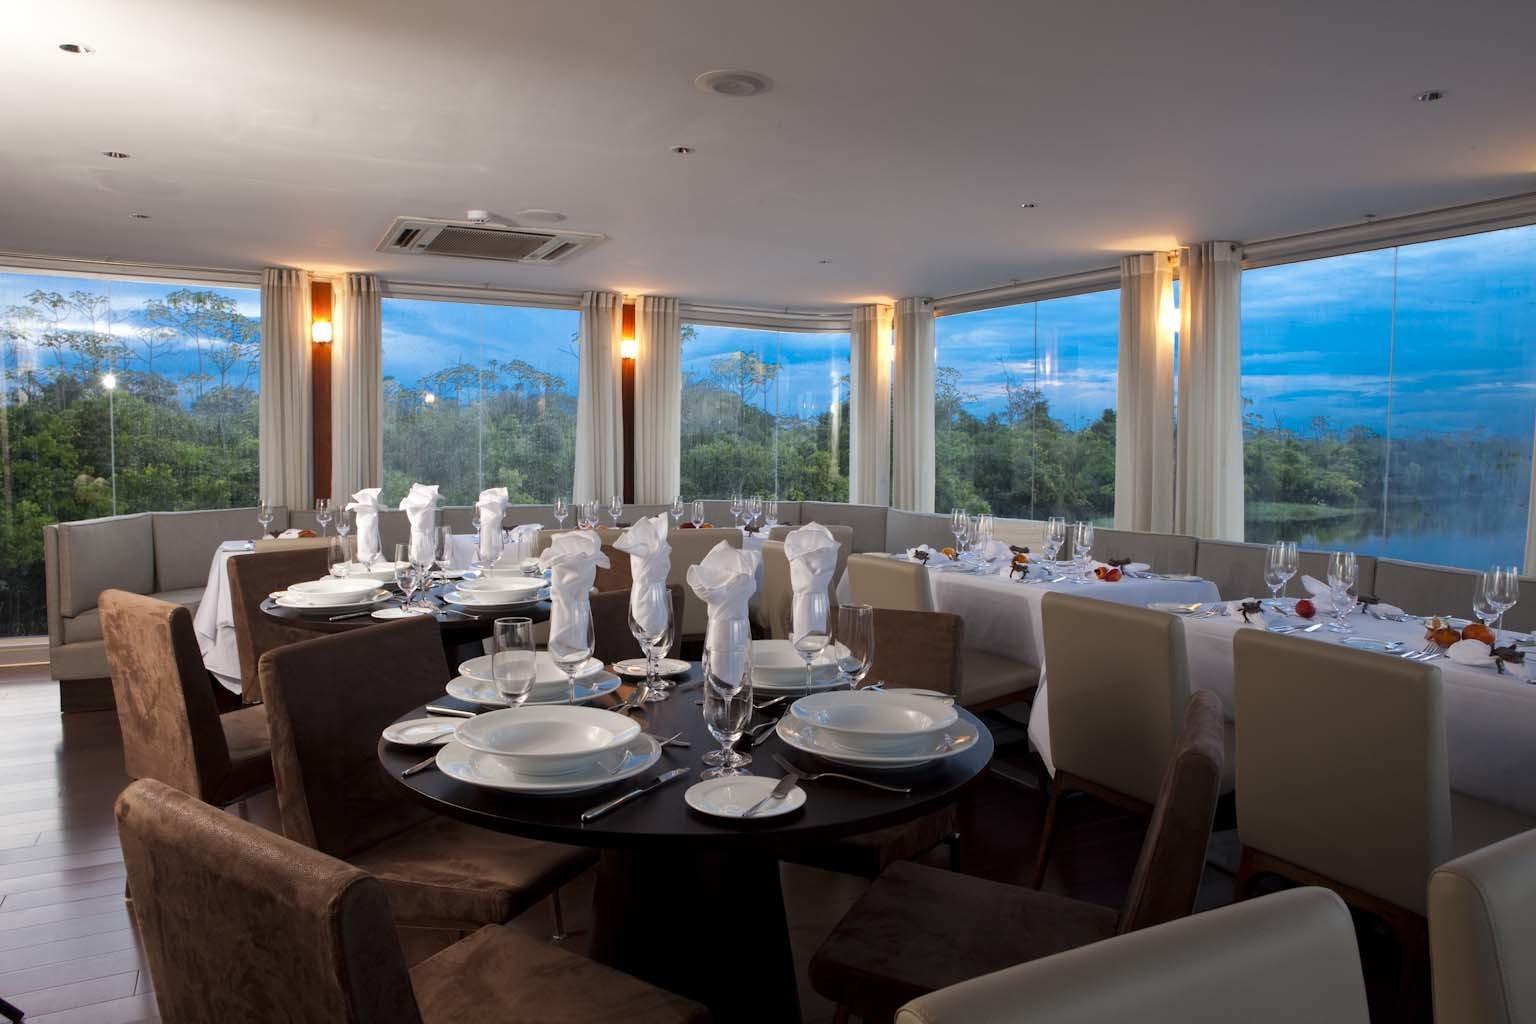 Foto de Recorre el Amazonas en un hotel flotante de lujo (10/14)